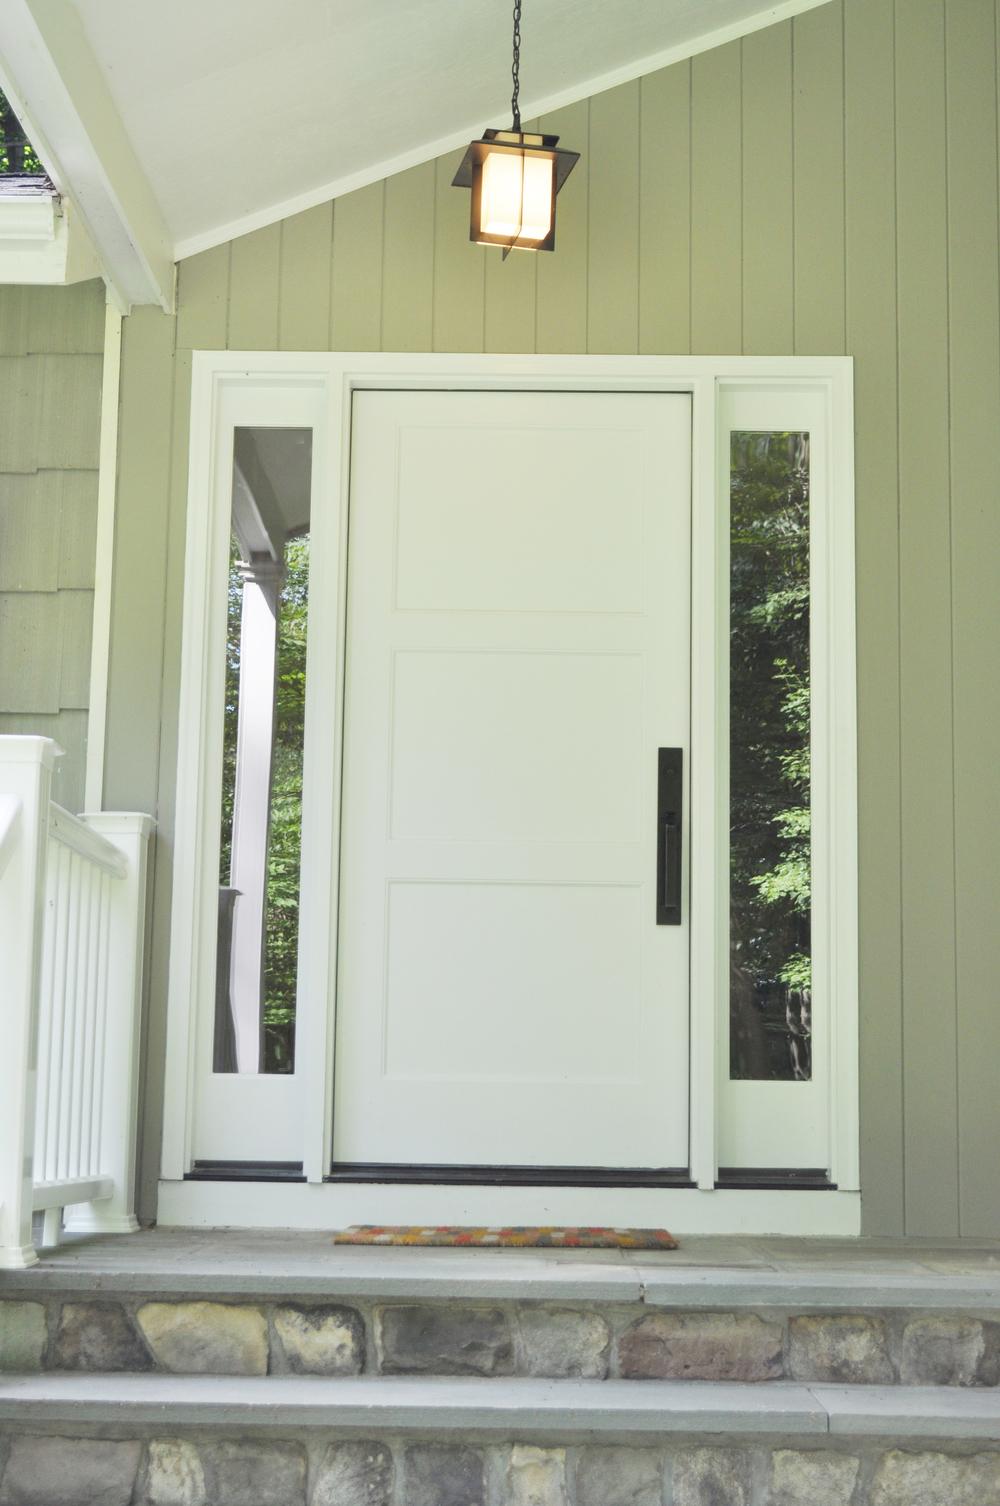 KAM DESIGN LLC_Entry Door Designs_White Front Door_Entry Pendant Light_Oil Rubbed Bronze Hardware_Front Door with Sidelights.jpg